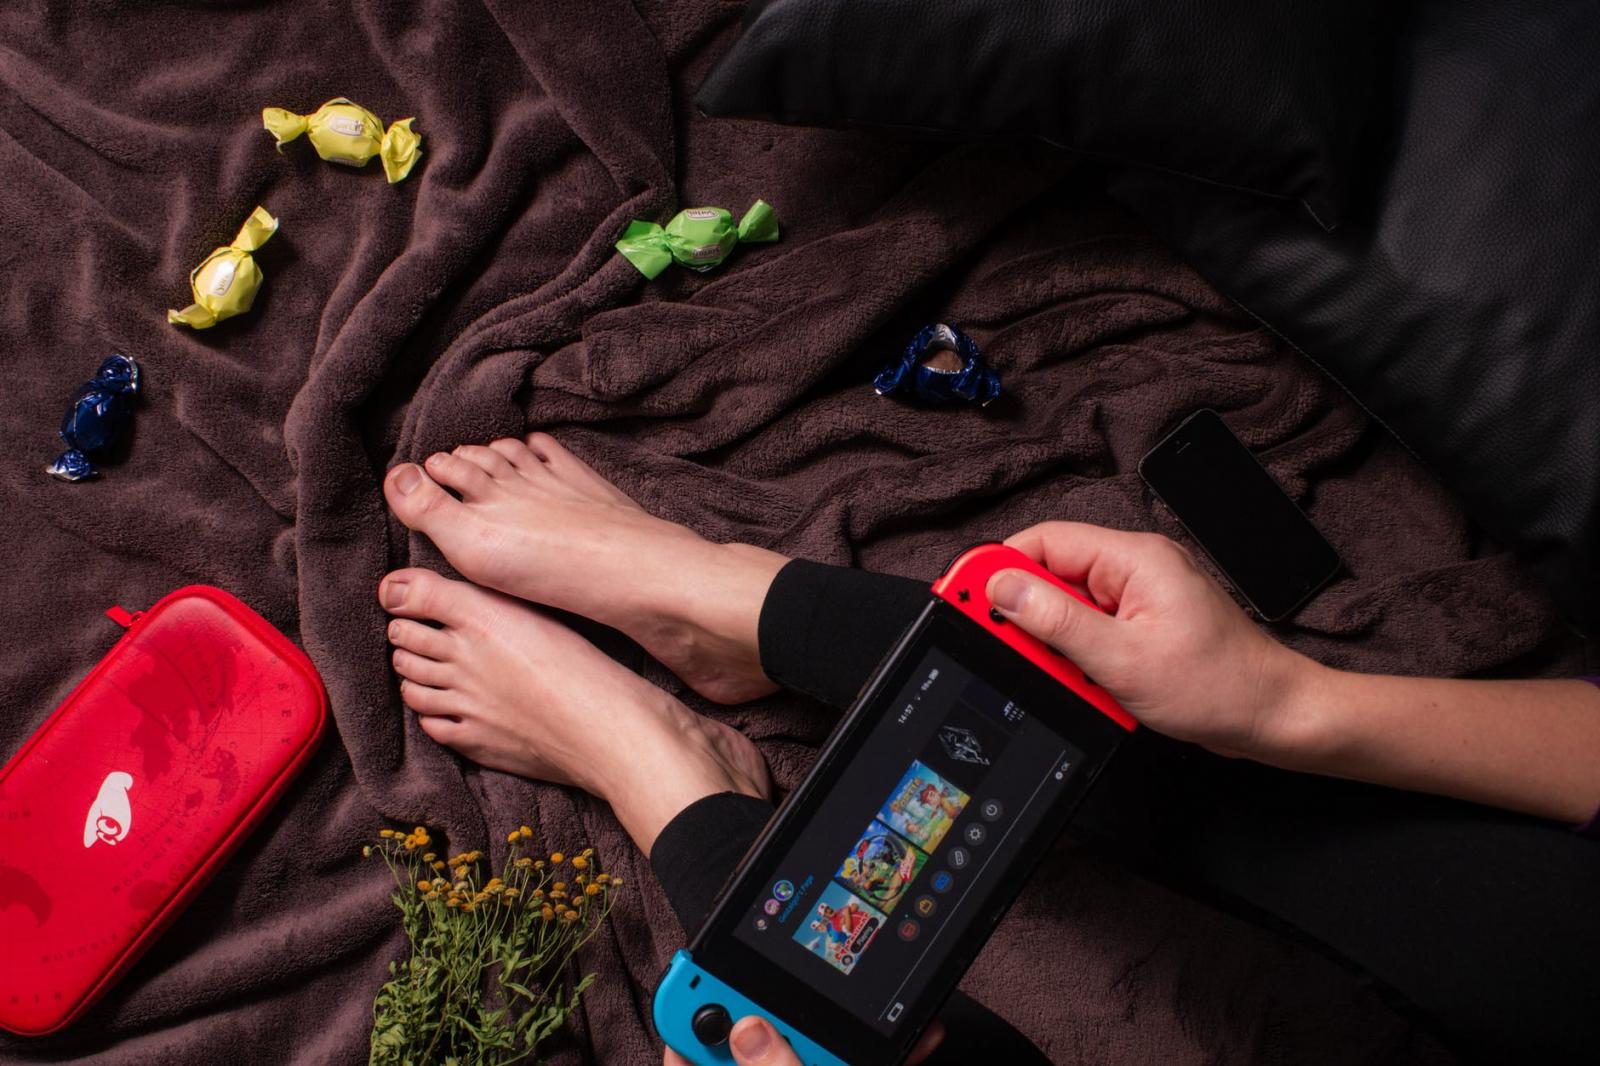 【快訊】Switch 銷售再創佳績連10月破30萬台 PS5反腰斬還恐缺貨到明年